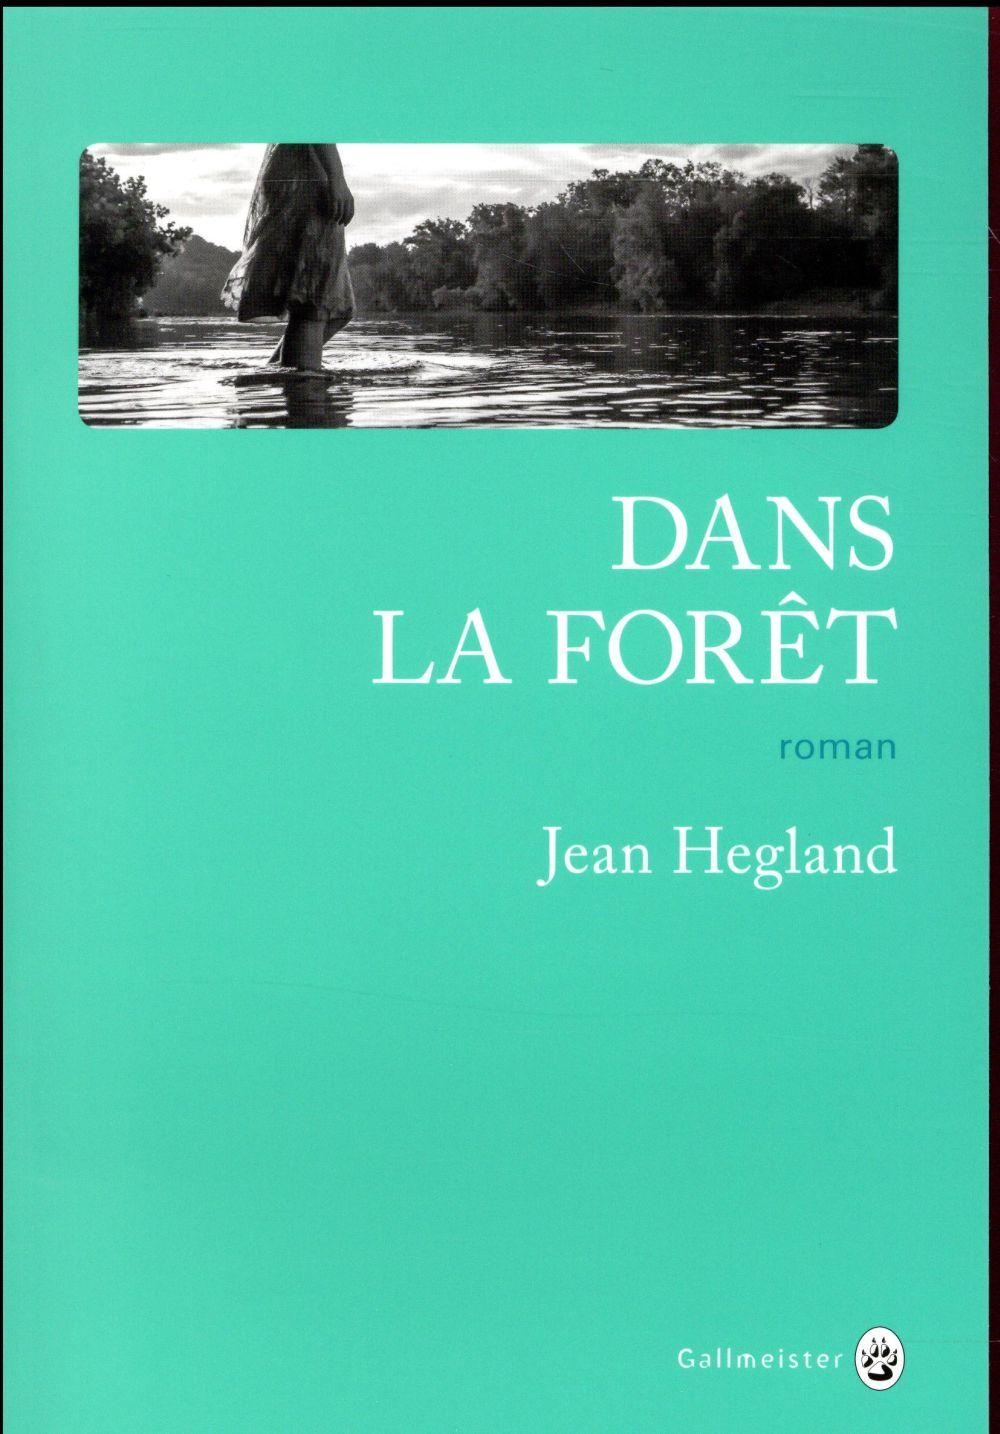 Dans la forêt - Jean Hegland - Galmeister